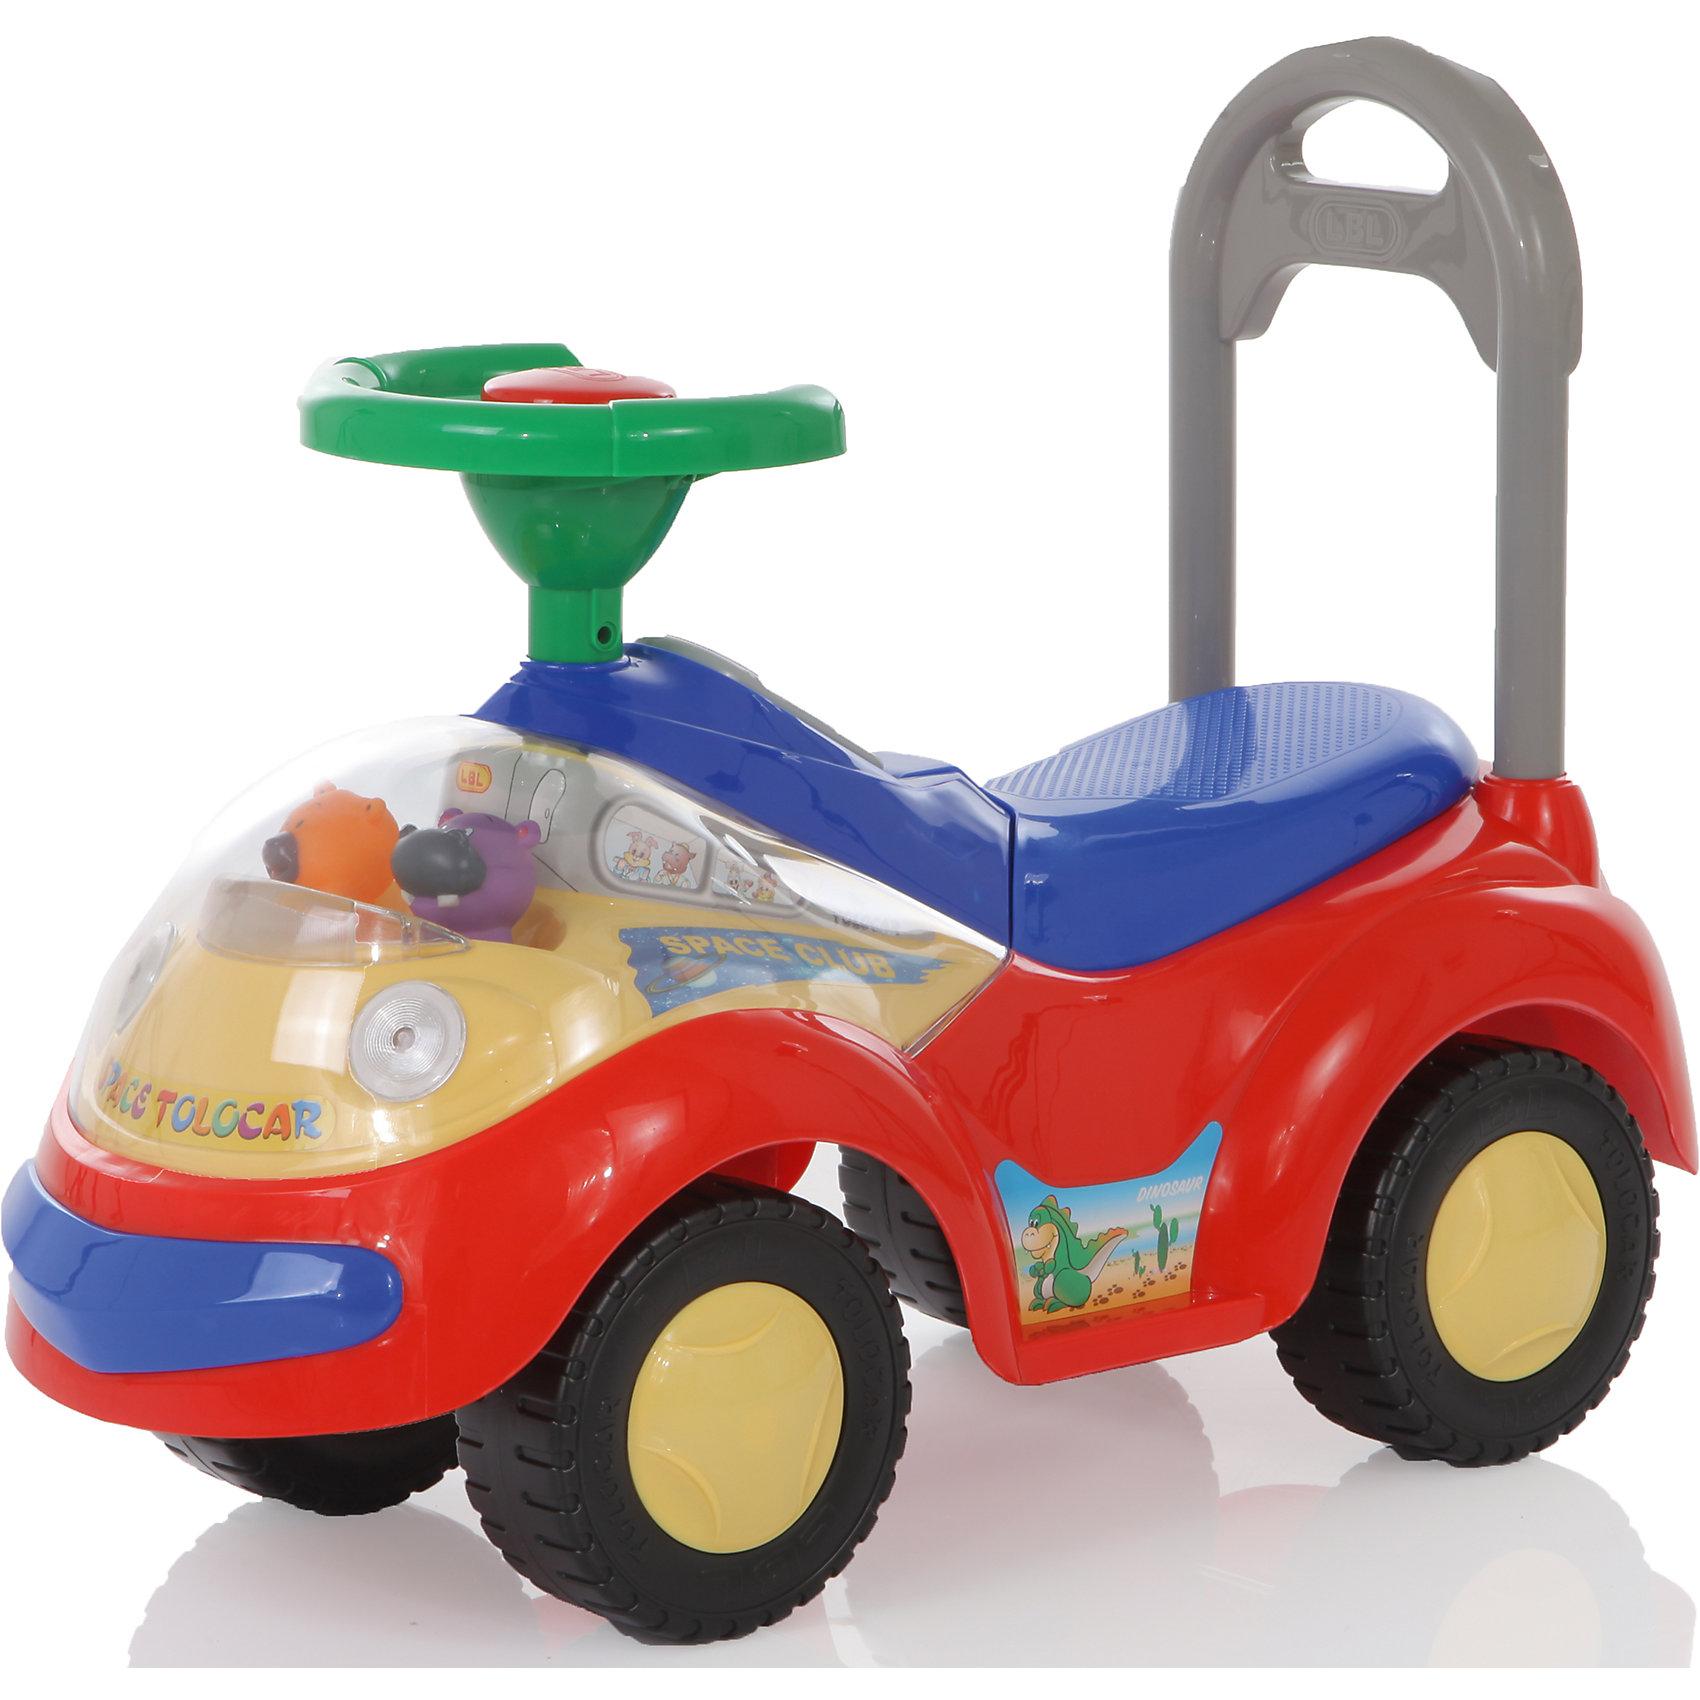 Каталка Space Tolocar, красная,  JetemКаталка Space Tolocar в виде симпатичного автомобиля обязательно понравится малышам. Она имеет удобное сиденье, руль и высокую спинку с ручкой. Когда ваш малыш подрастет и будет ходить, он может толкать игрушку впереди себя. Звуковые сигналы (мелодия, звук рожка и полицейской сирены) и световые эффекты (электрические фары и поворотники) обязательно заинтересуют кроху и добавят еще больше возможностей для игр. Под сиденьем есть емкость для хранения игрушек. На передней части машинки - забавные игрушки, которые покачиваются при движении. Машинка выполнена из высококачественных материалов, не имеет острых углов, безопасна для детей. Яркая каталка подарит море положительных эмоция и улыбок, а так же поможет развить у малыша, координацию, мышцы ног и моторику. <br><br>Дополнительная информация:<br><br>- Материал: пластик.<br>- Размер: 64 см x 28 см x 27 см.<br>- Цвет: красный.<br>- Звуковые, световые эффекты.<br>- Элемент питания: 3 батарейки АА (не входят в комплект).<br>- Максимальный вес ребенка: 27 кг<br><br>Каталку Space Tolocar, красную,  Jetem (Жетем) можно купить в нашем магазине.<br><br>Ширина мм: 660<br>Глубина мм: 280<br>Высота мм: 270<br>Вес г: 4500<br>Возраст от месяцев: 18<br>Возраст до месяцев: 36<br>Пол: Унисекс<br>Возраст: Детский<br>SKU: 3992540